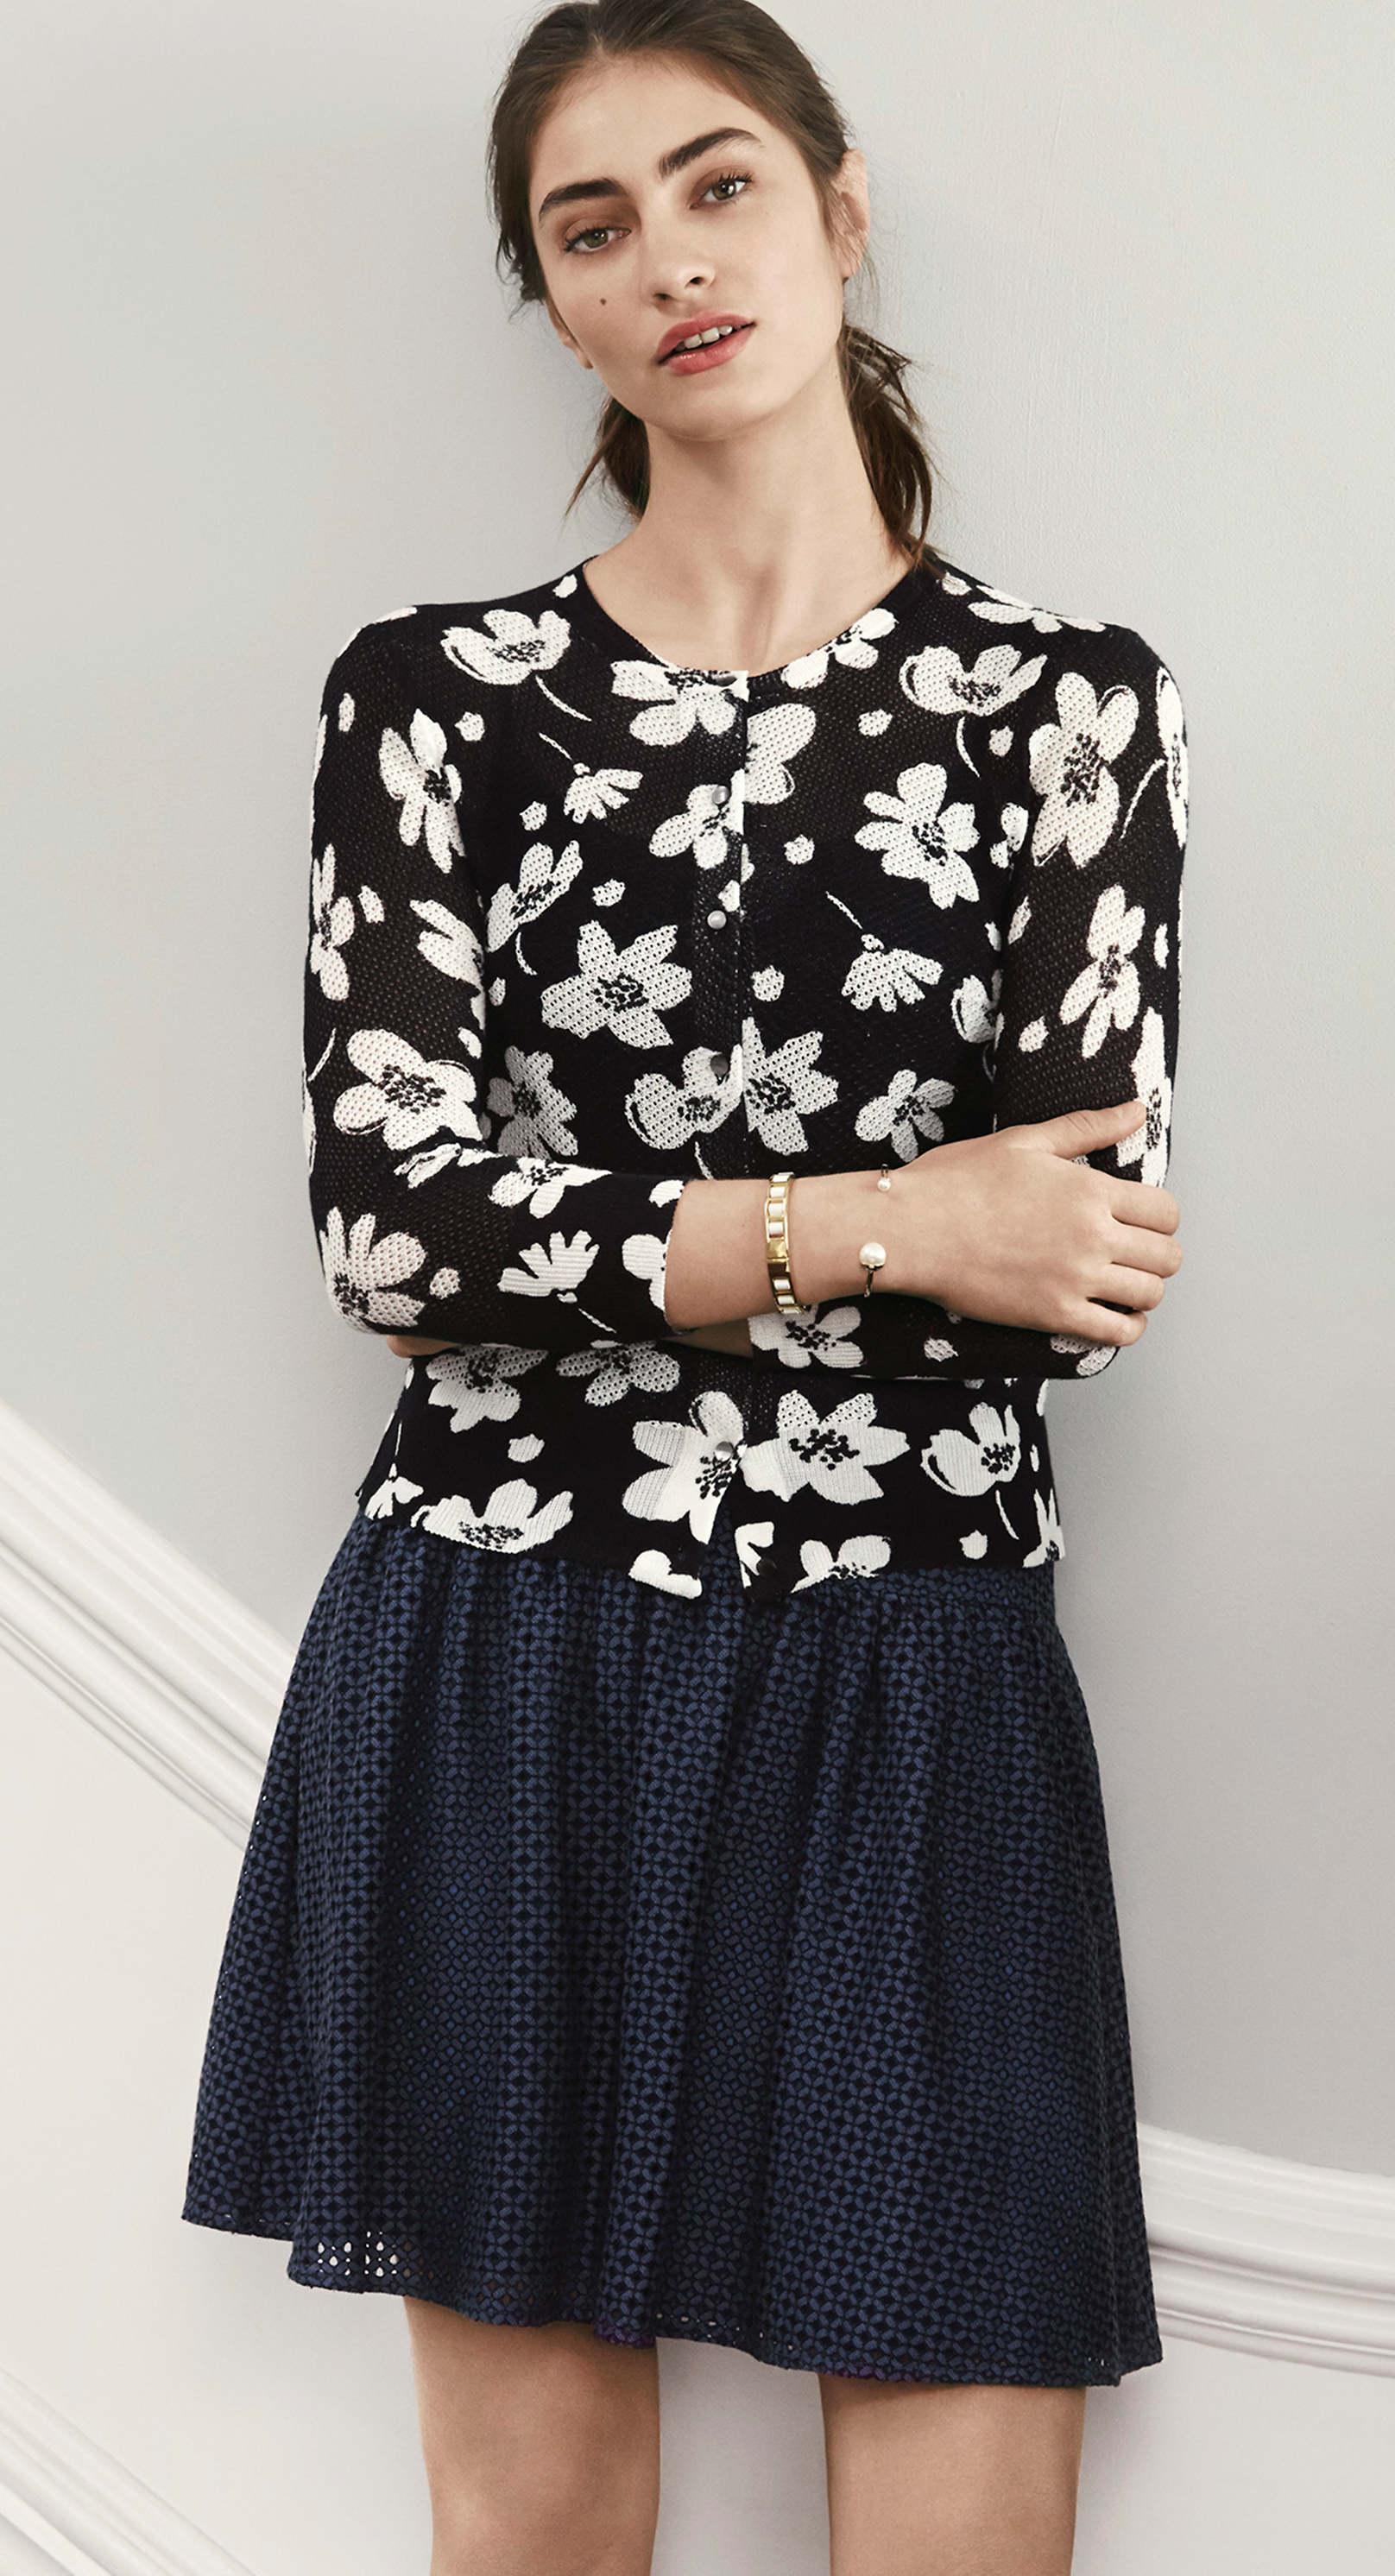 Ann Taylor Mesh Floral Ann Cardigan